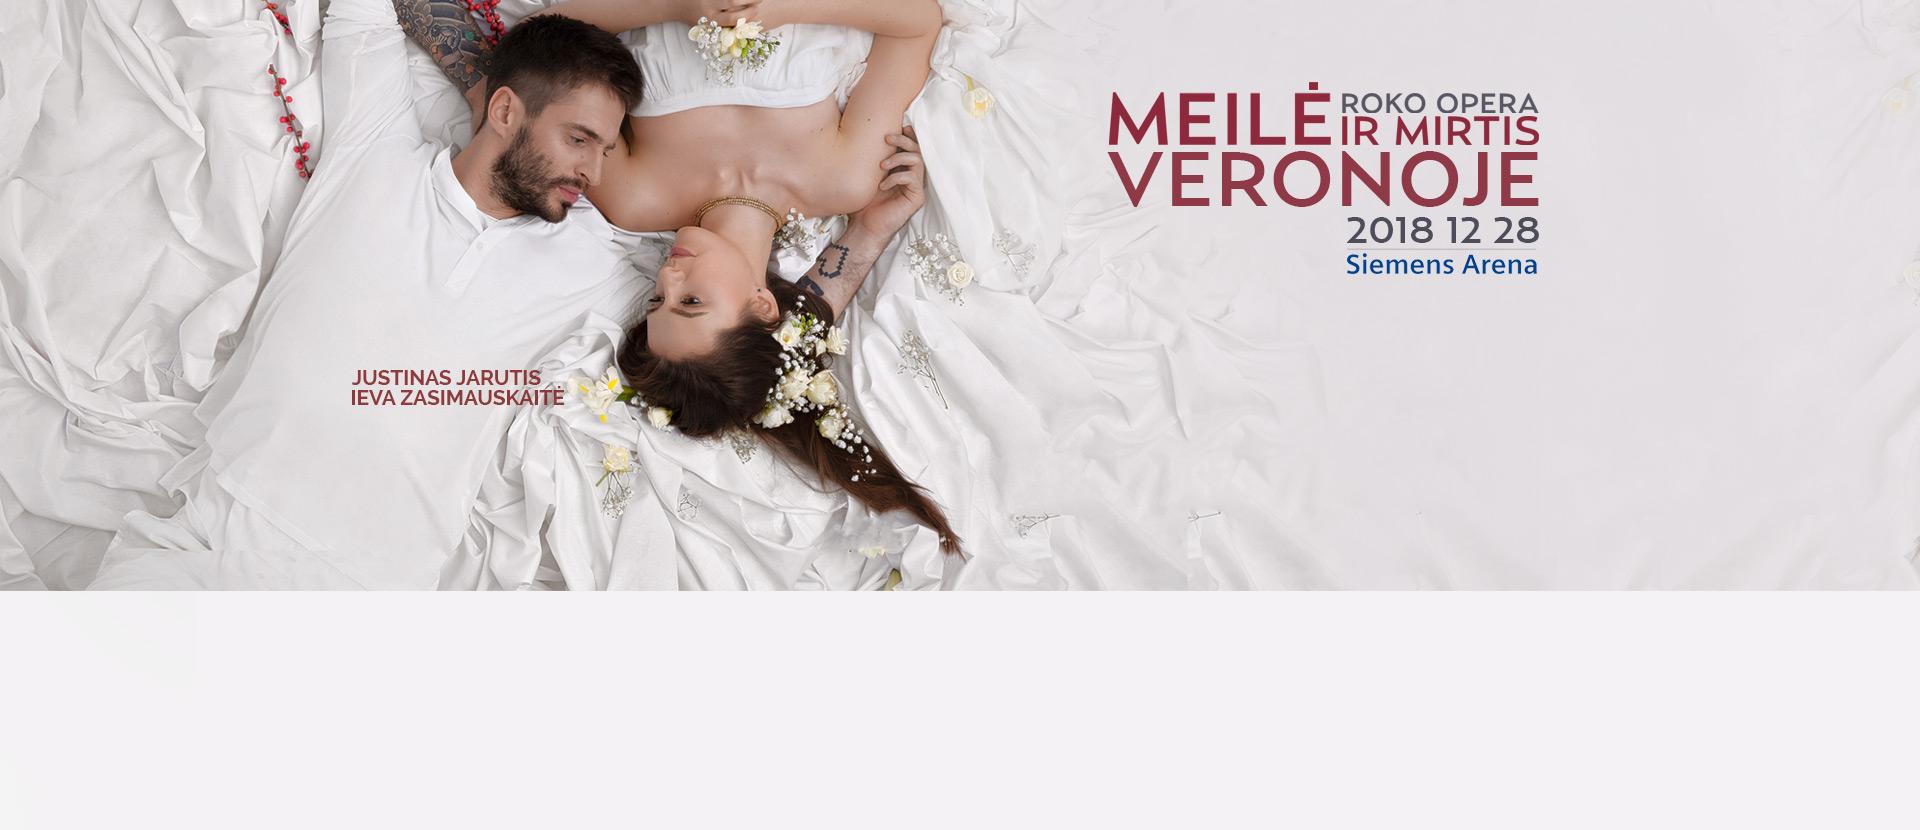 """Roko opera """"Meilė ir mirtis Veronoje"""""""